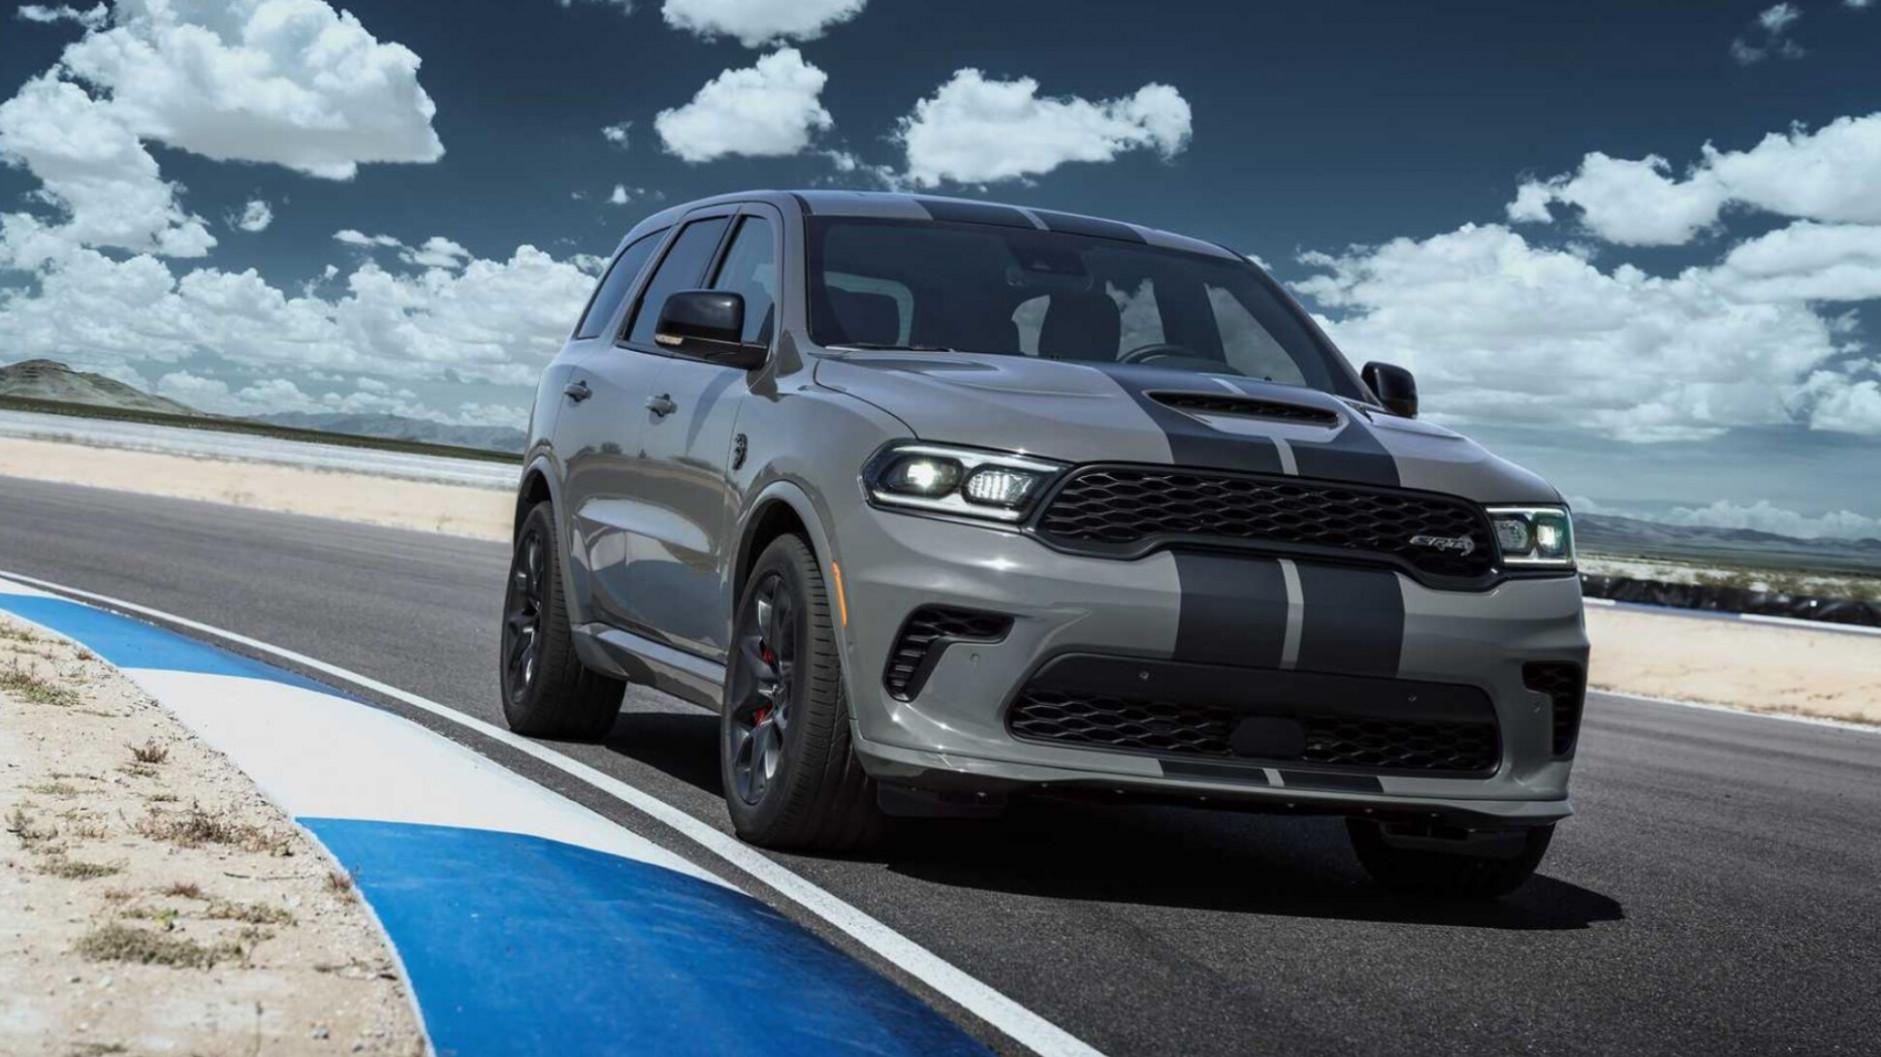 Concept and Review 2022 Dodge Durango Srt